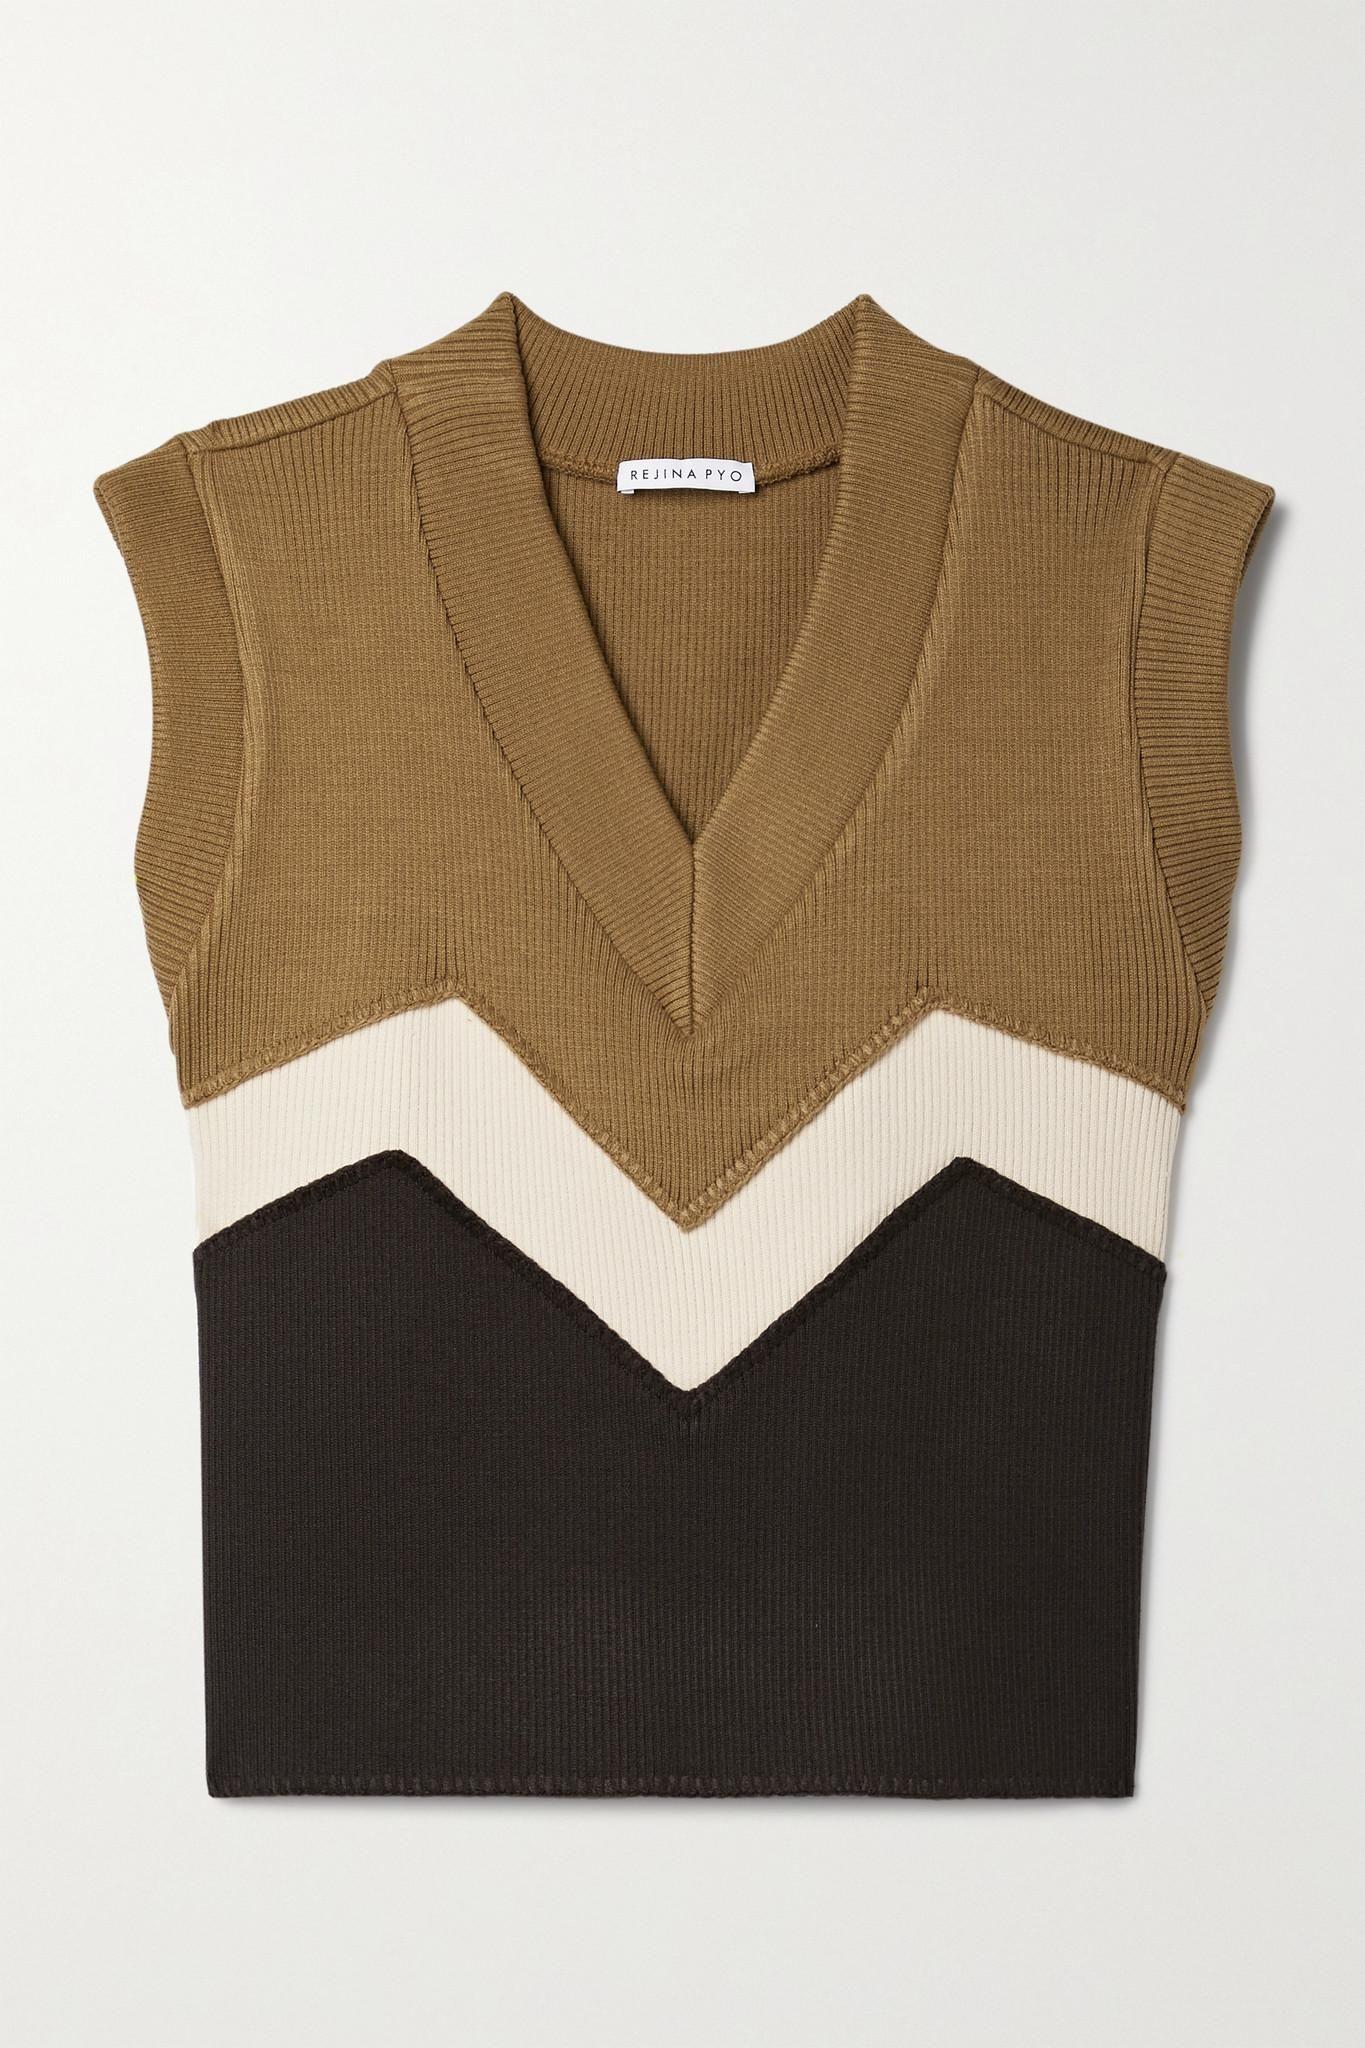 rejina pyo kenna color block ribbed knit vest